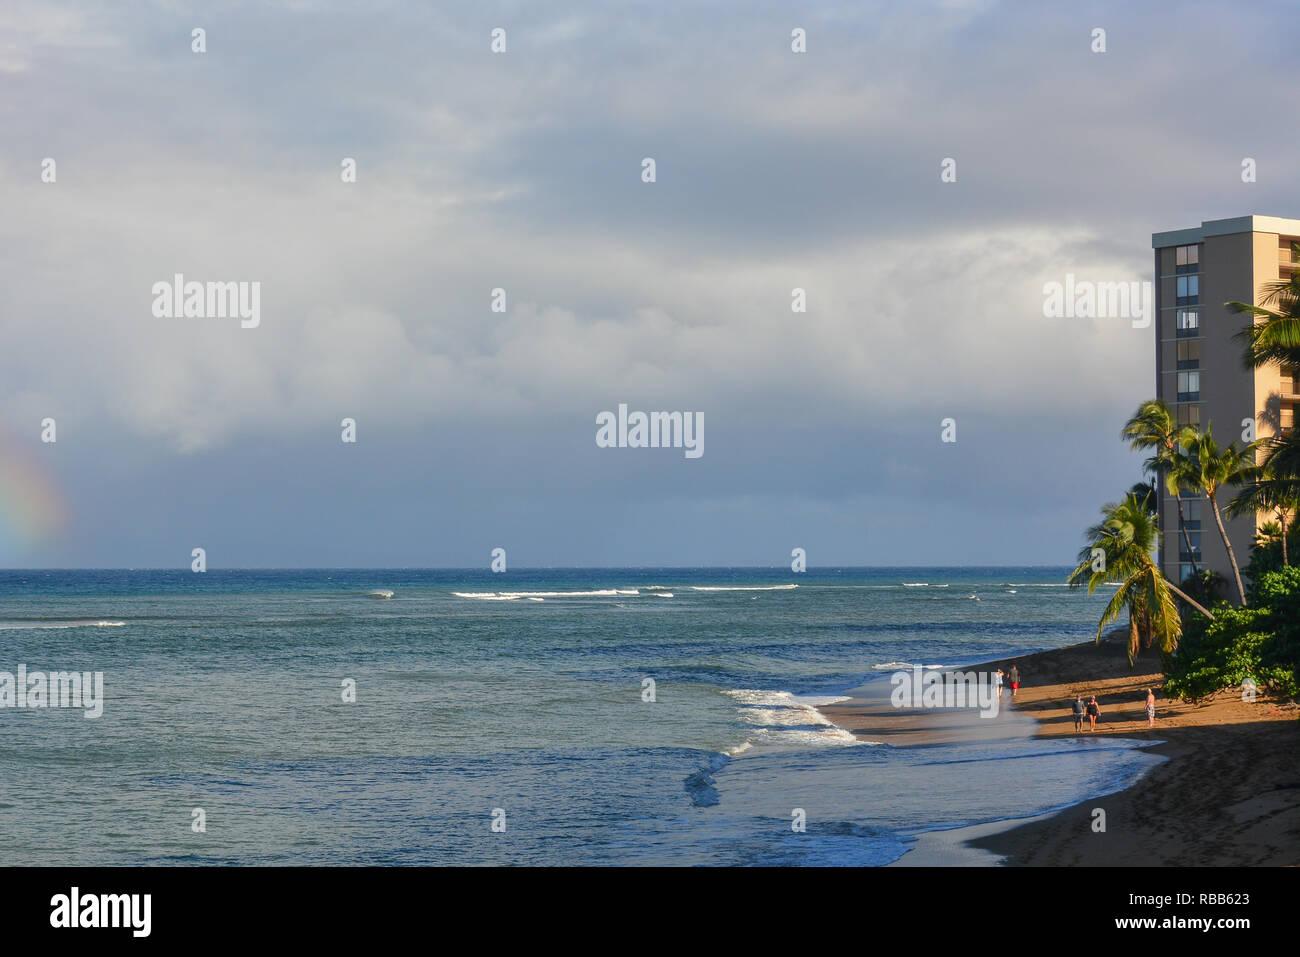 Belle Kahana Beach sur l'île de Maui, Hawaii. Situé entre Kaanapali et Kapalua sur la côte nord-ouest. Très belle vue de Molokai à travers l'eau Banque D'Images